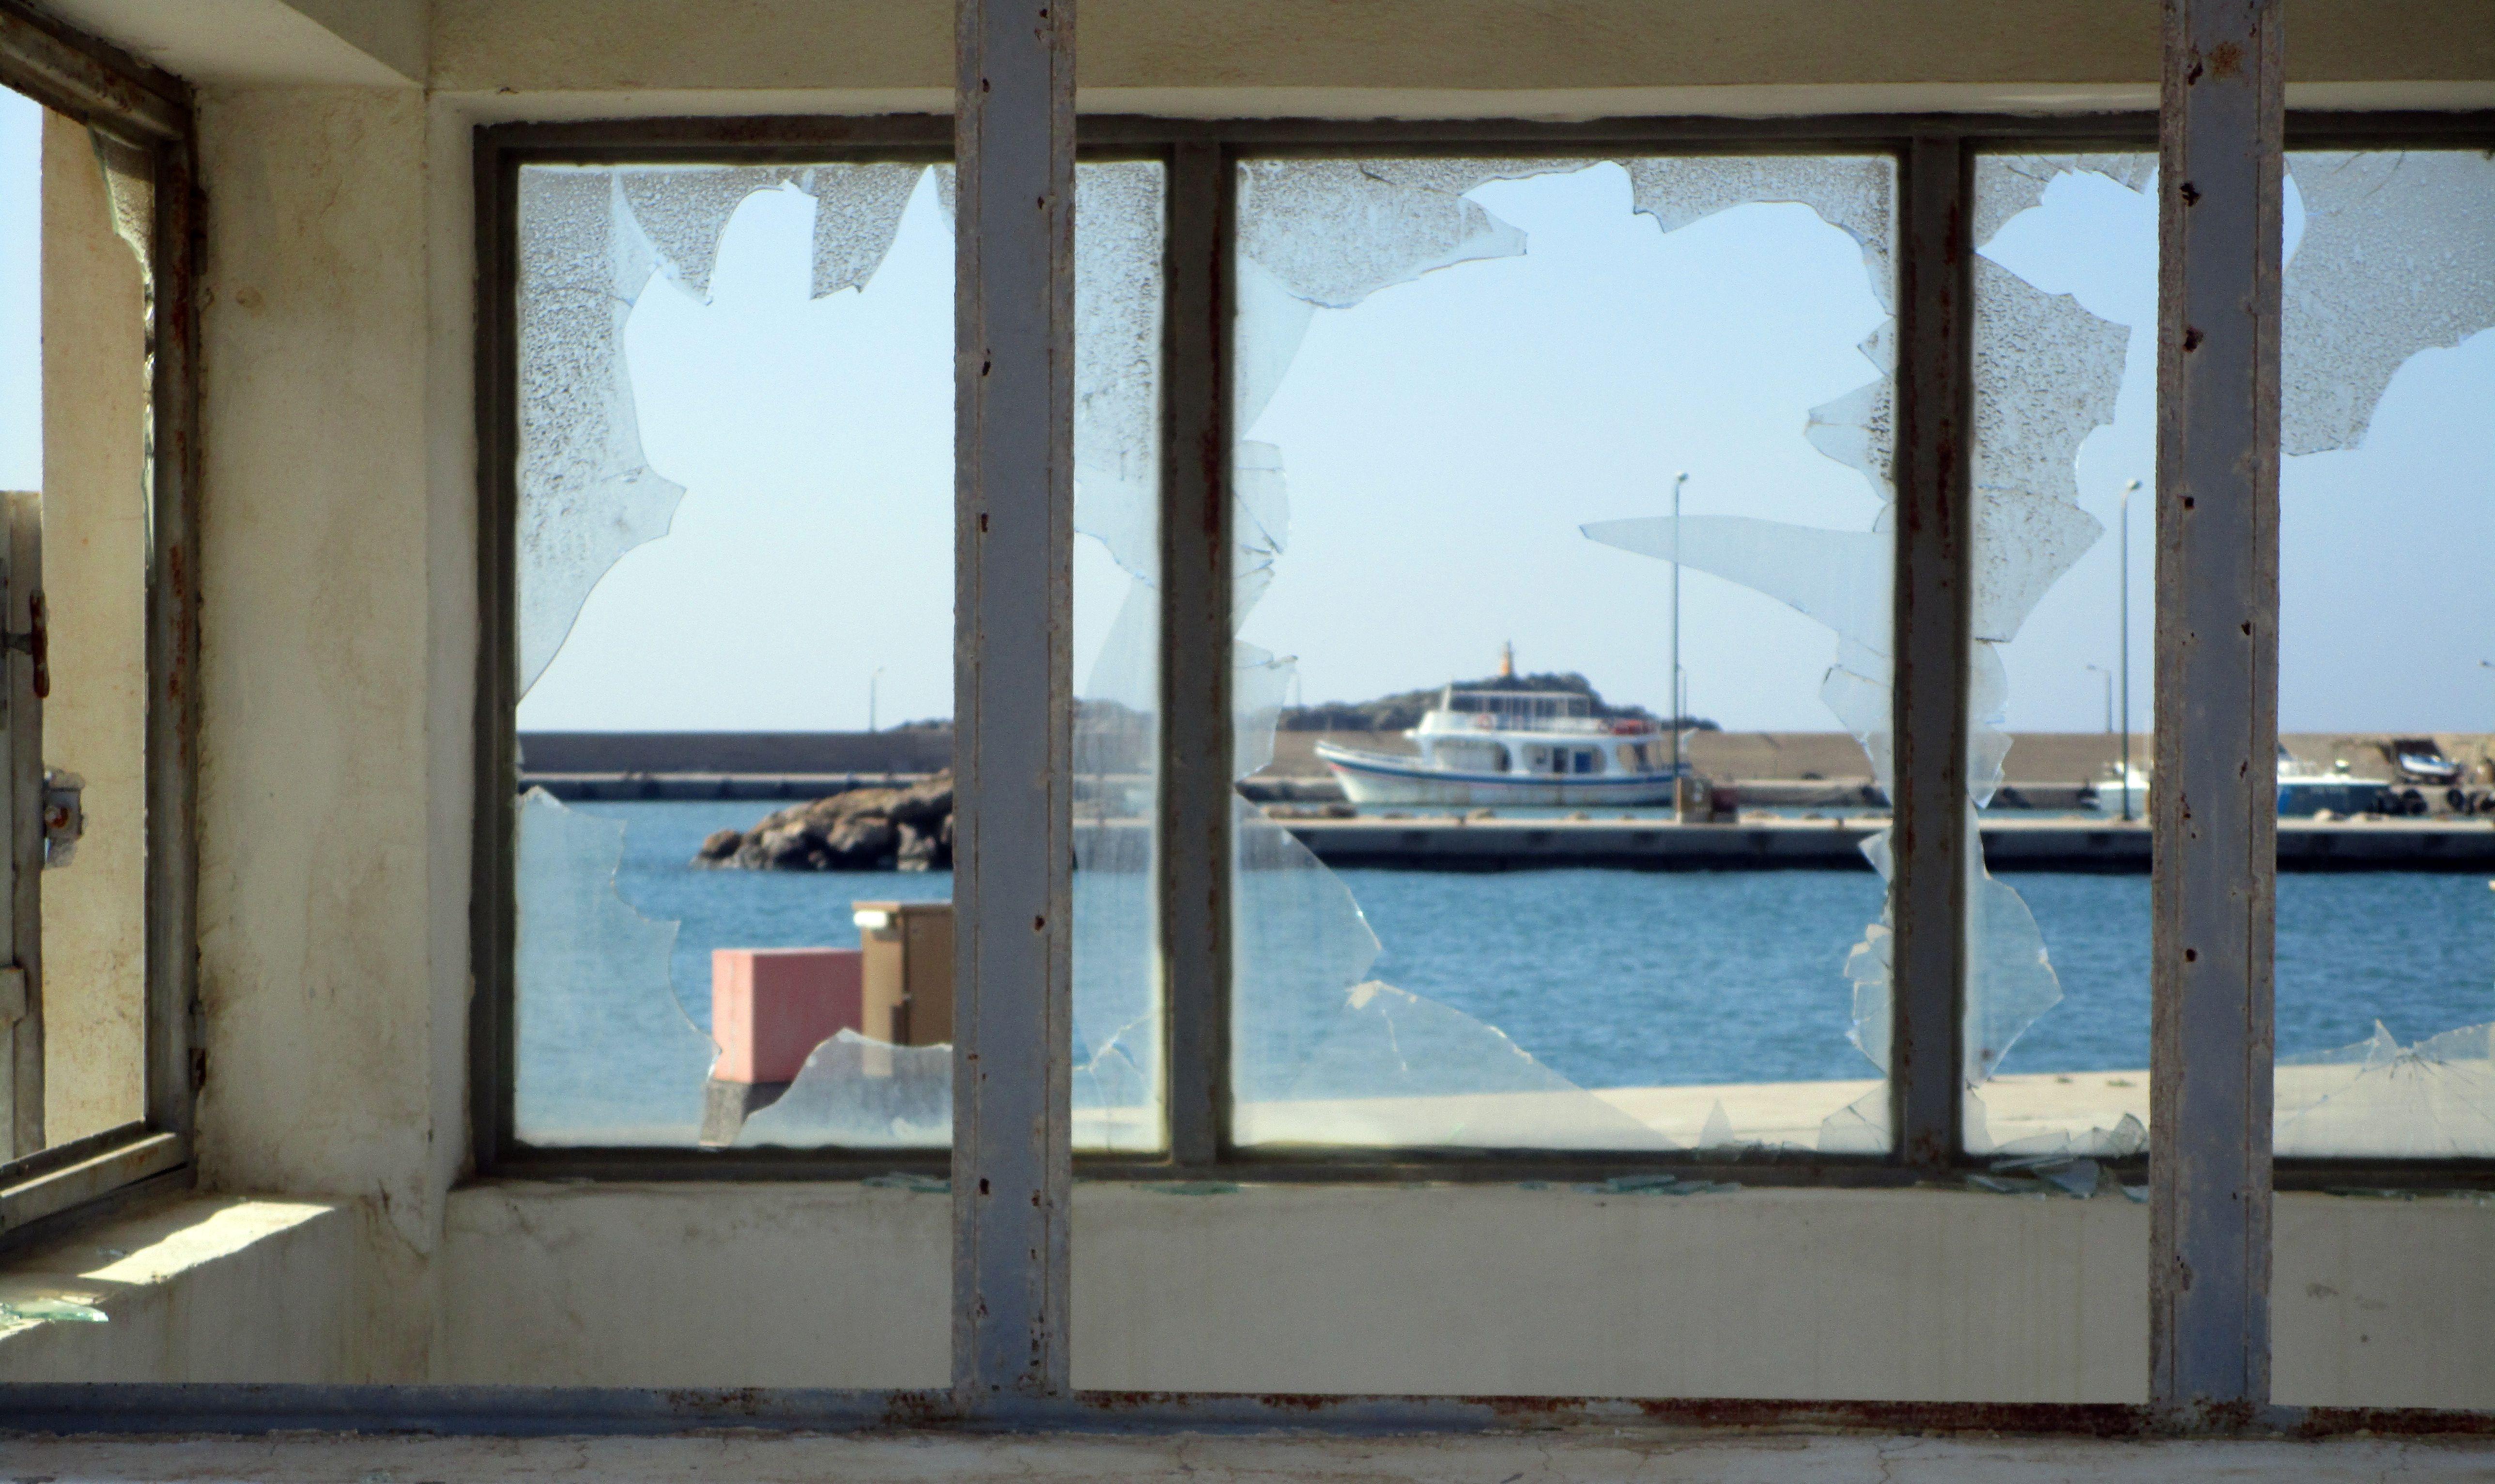 Hafen 06.02.2017